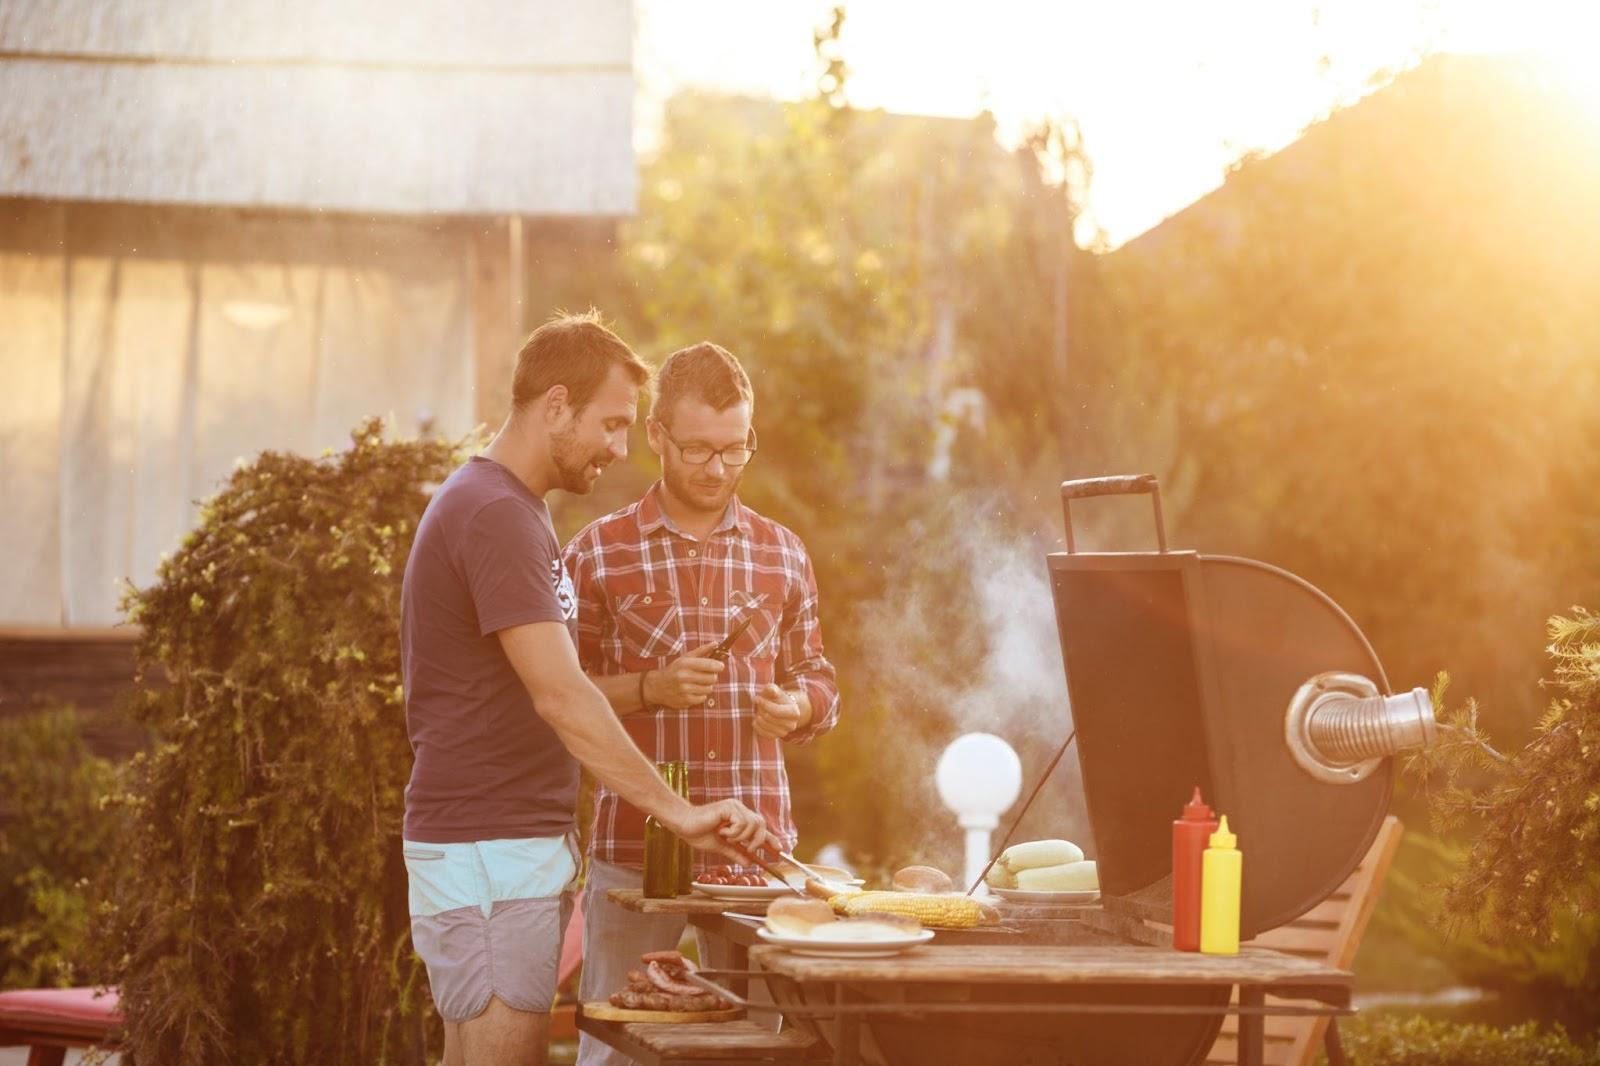 Imagem de dois rapazes em frente uma churrasqueira aprendendo como calcular carne para churrasco